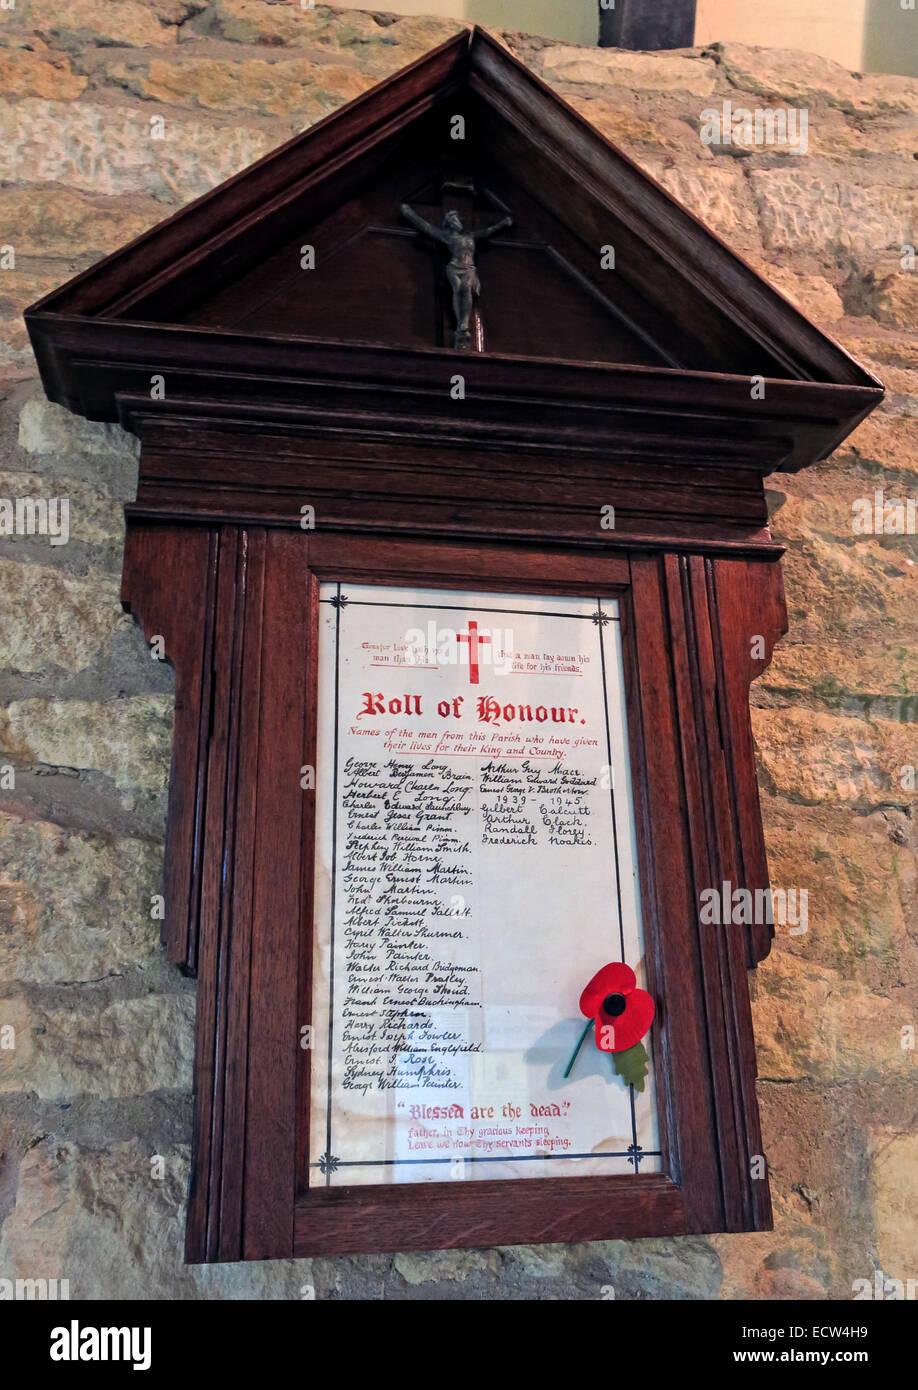 Laden Sie dieses Alamy Stockfoto Holy Trinity Kirche Woodgreen Witney Plaque von Erinnerung, West Oxfordshire, England, UK - ECW4H9